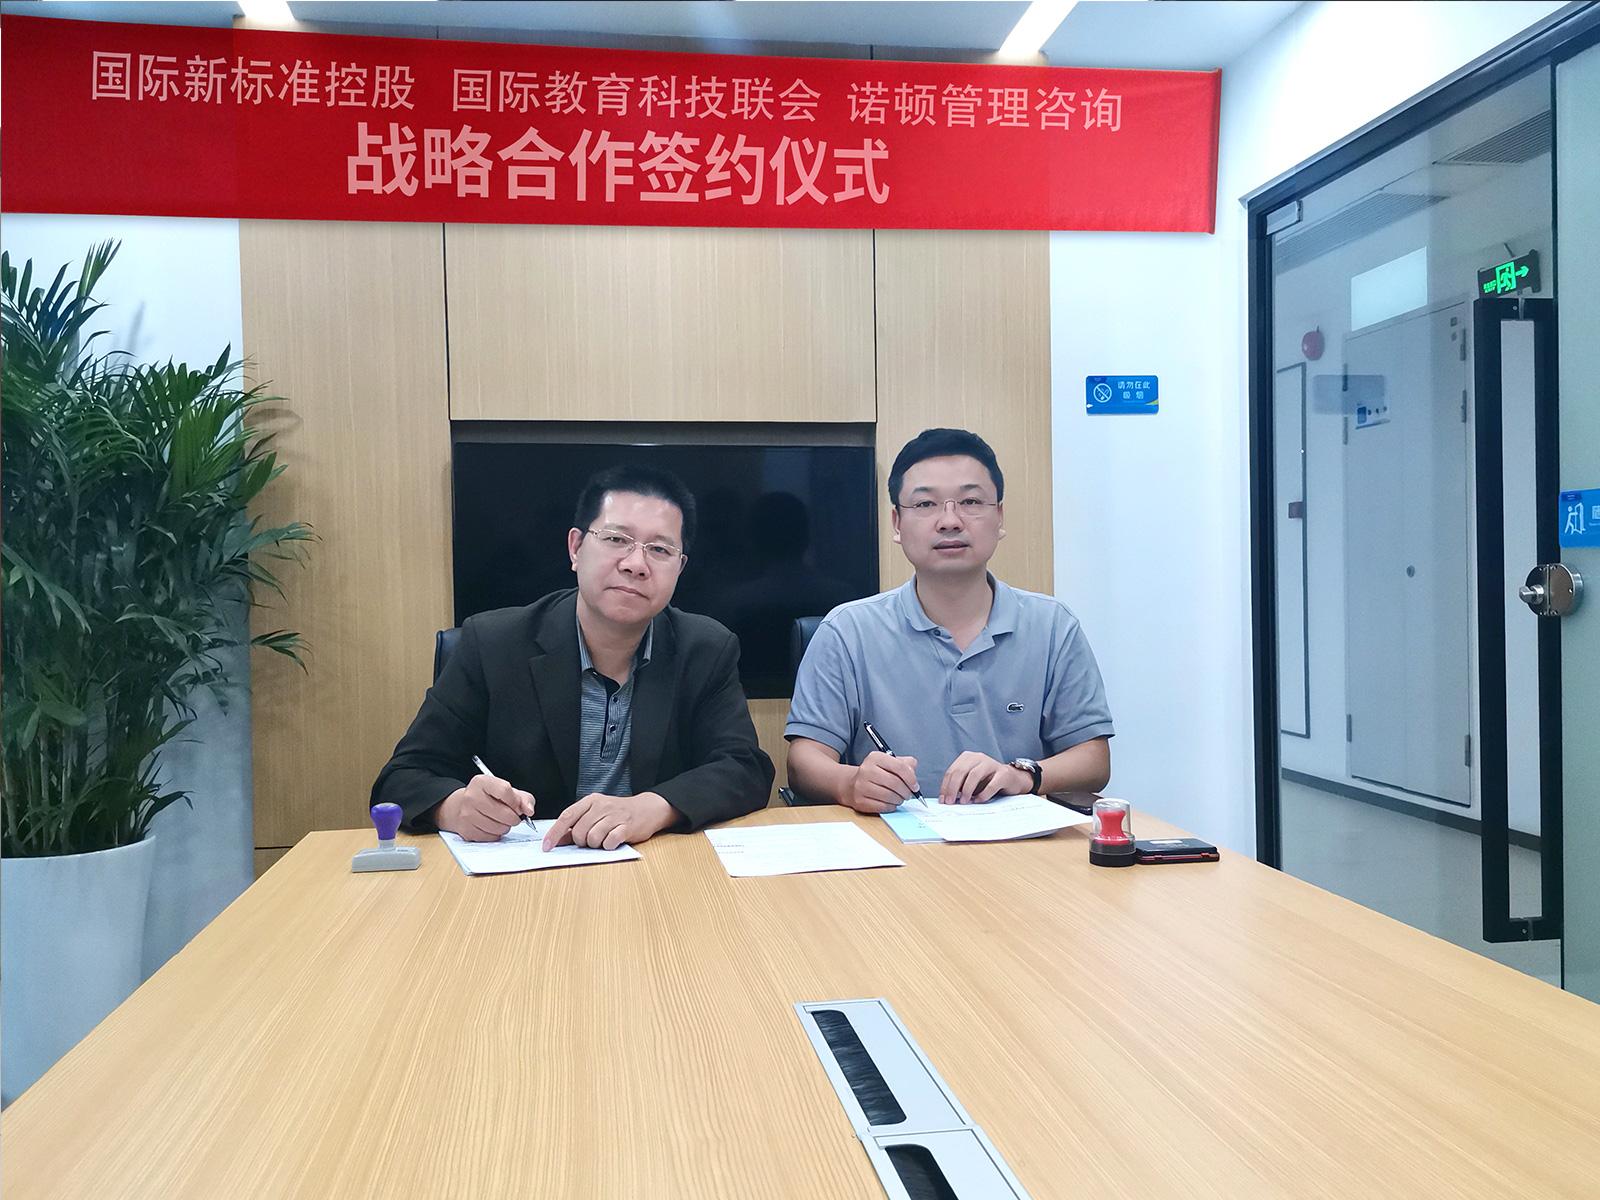 聯會與諾頓管理諮詢公司建立合作關係